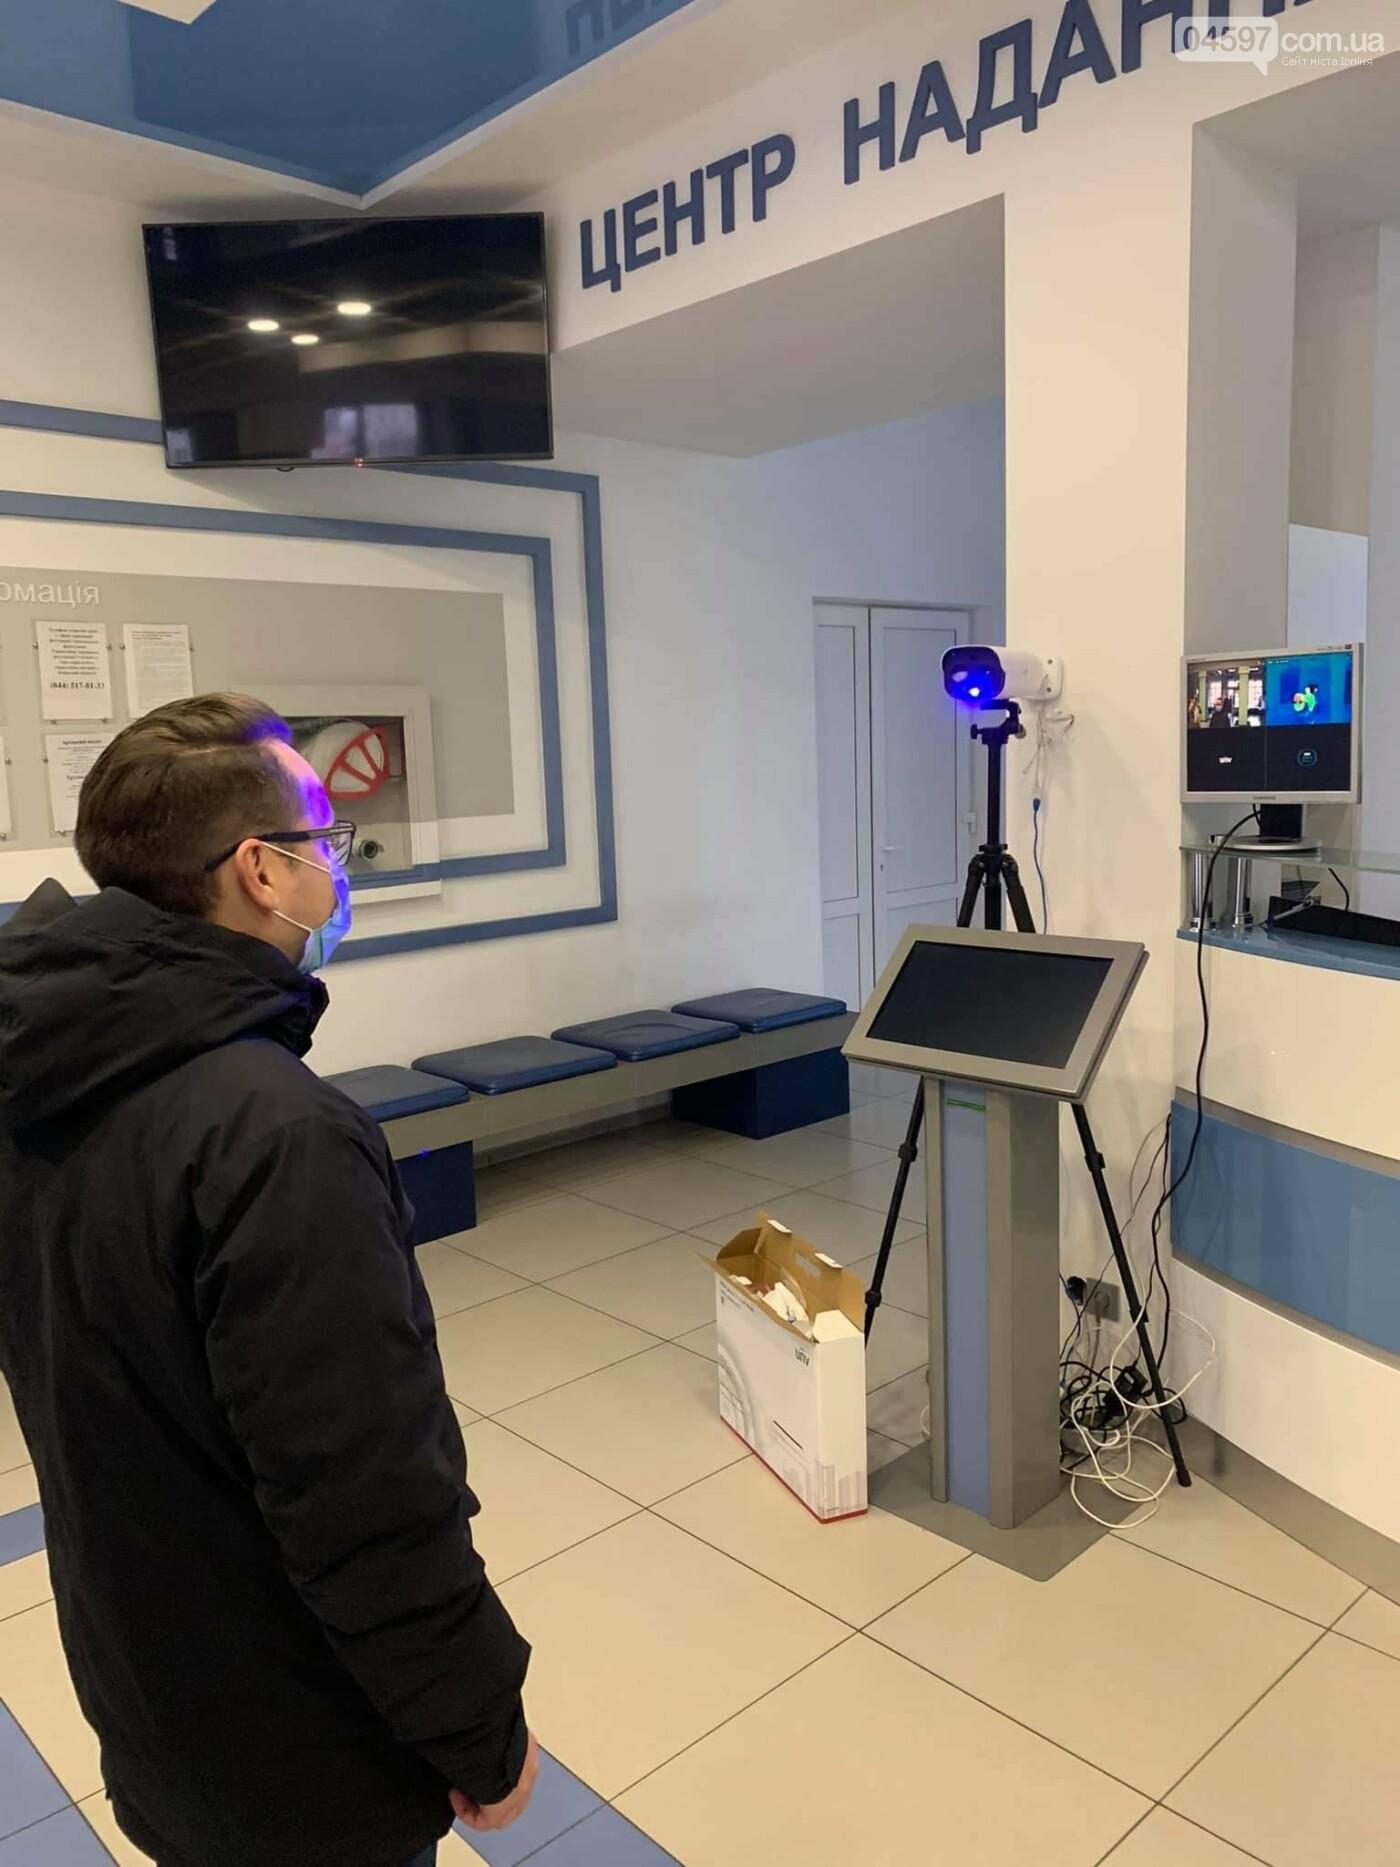 В міськраді Ірпеня встановили сканер безконтактного вимірювання температури тіла, фото-1